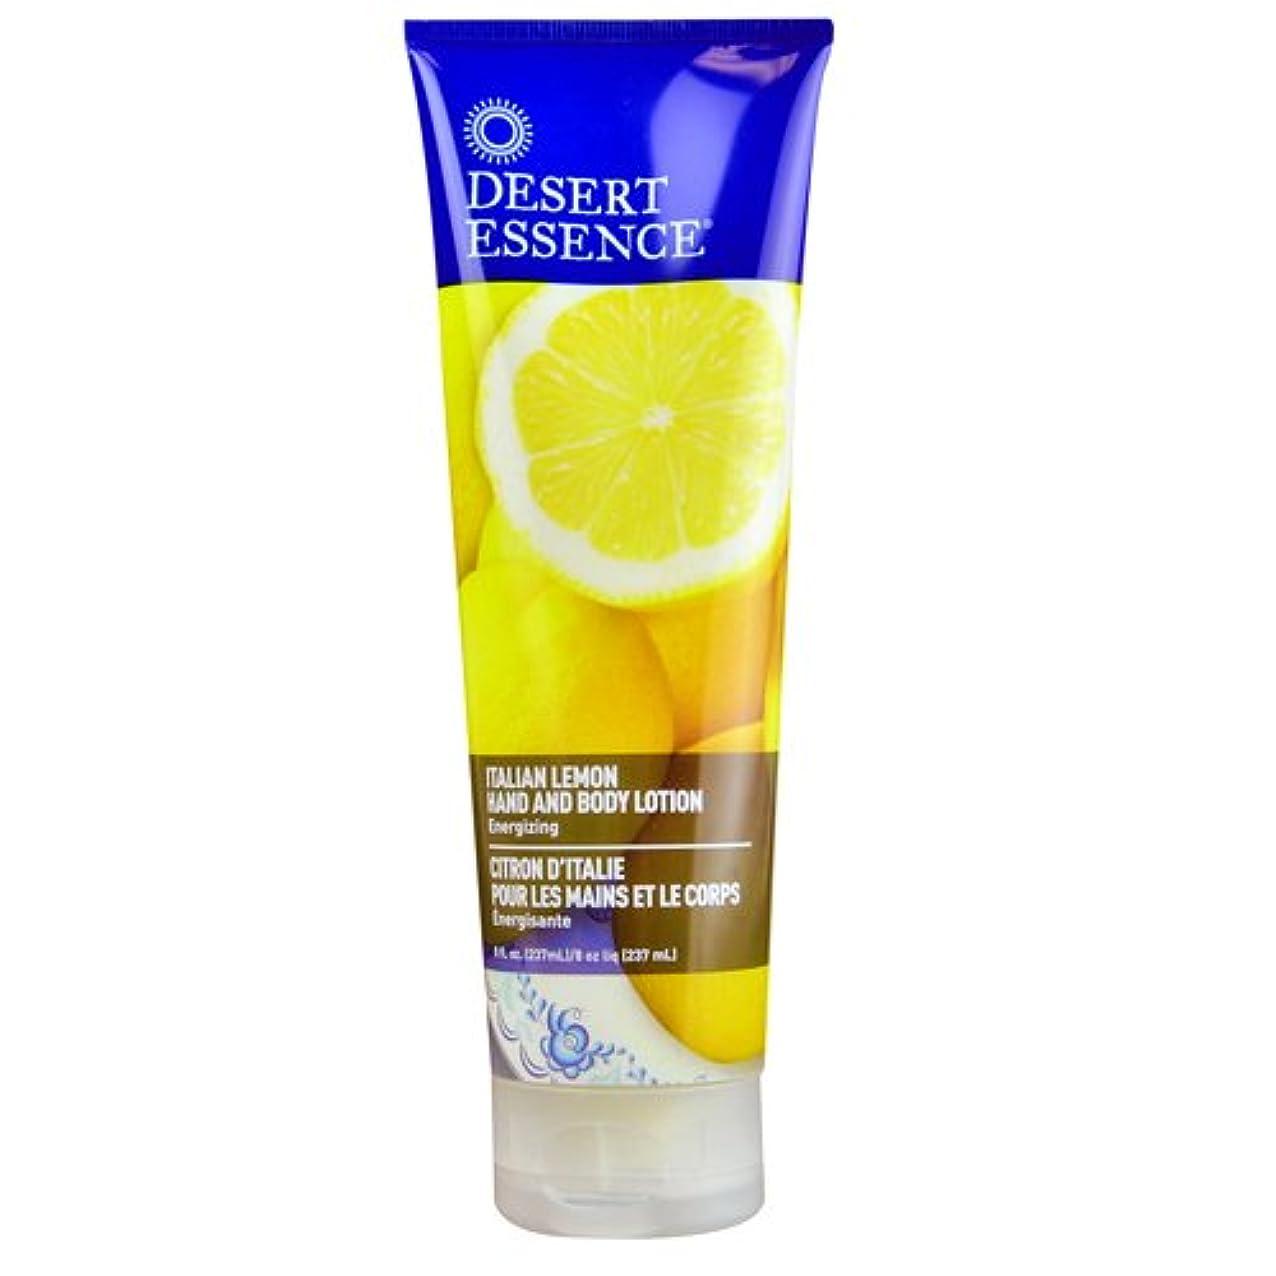 ハイキングドール性能Desert Essence, Hand and Body Lotion, Italian Lemon, 8 fl oz (237 ml)